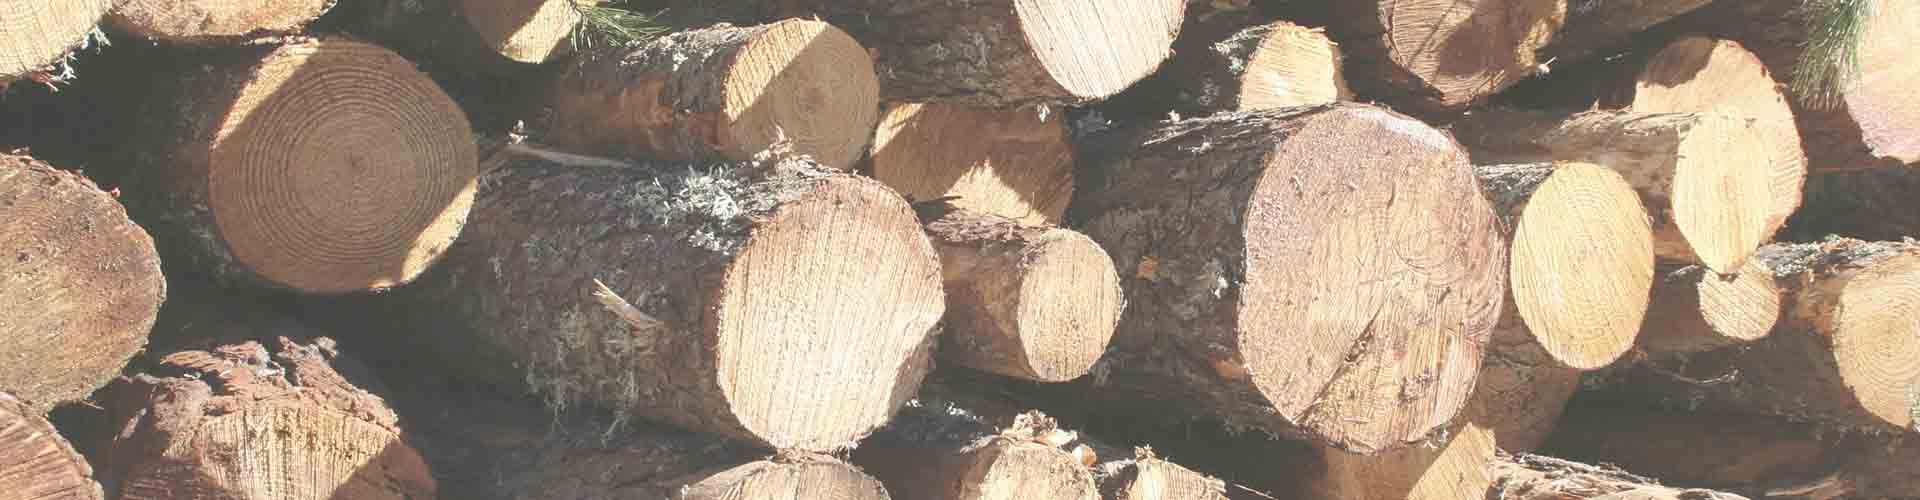 Venta de pellet en majadahonda burupellets pellet para calefacci n - Lena majadahonda ...